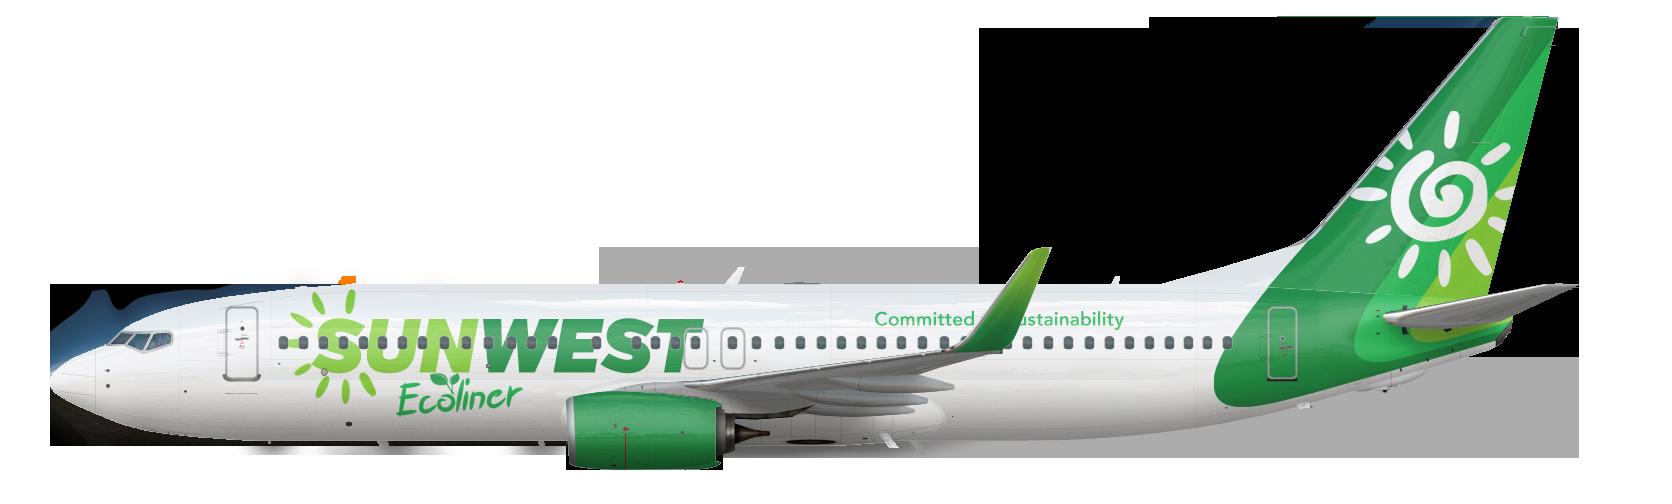 Boeing 737-800 Ecoliner